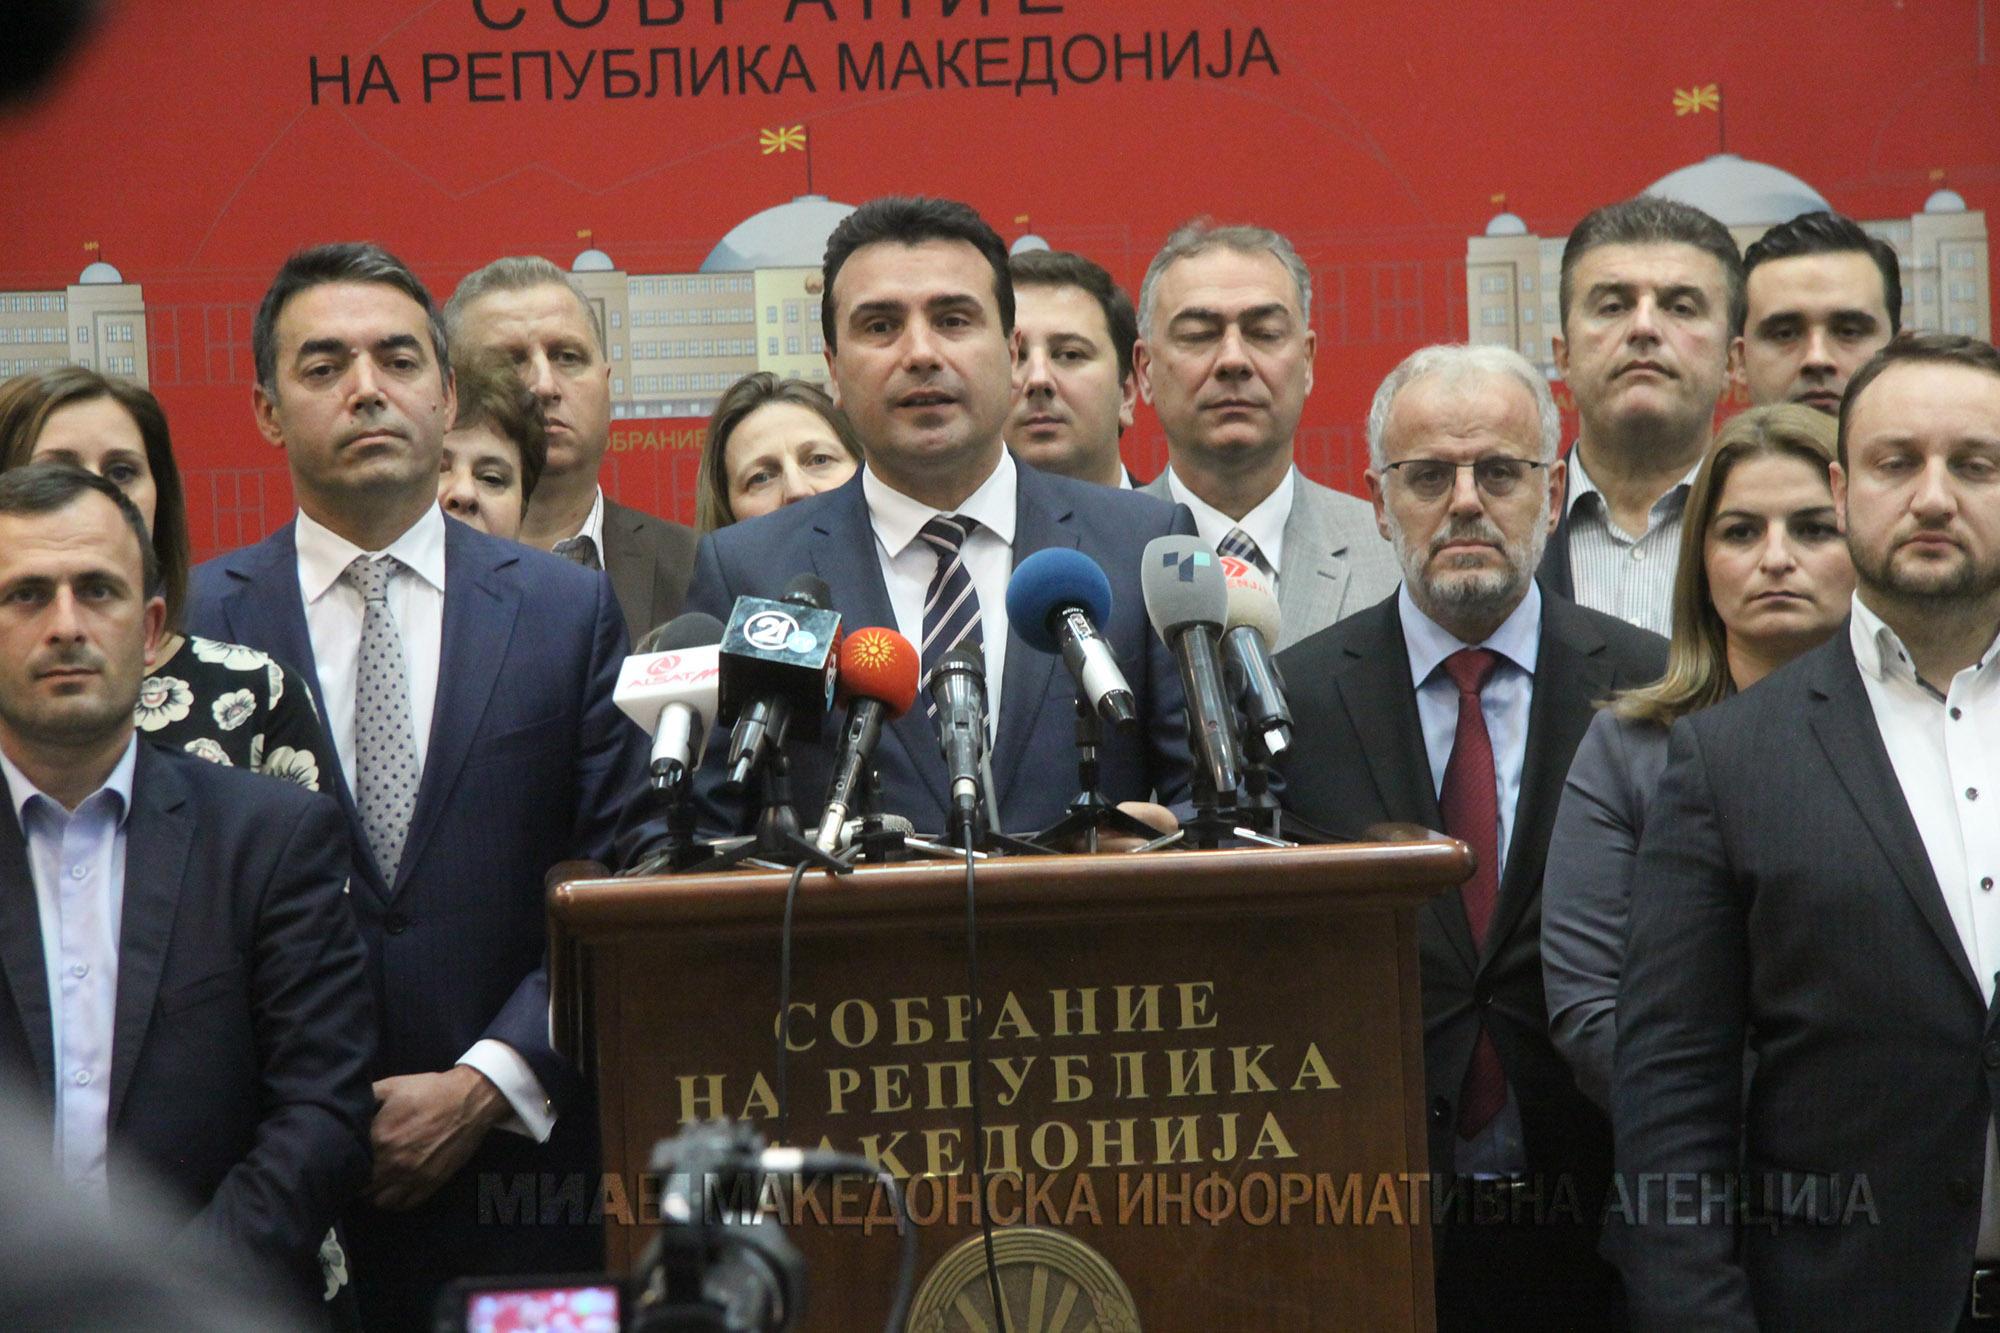 Ο Κώστας Δημ. Χρονόπουλος βλέπει ότι τώρα η κυβέρνηση συνιστά αυτοσυγκράτηση στα Σκόπια. Ενώ όλο το προηγούμενο διάστημα κατηγορούσε όσους αντιδρούσαν στη Συμφωνία Πρεσπών ως Ναζί, Ακροδεξιούς και αρνείται δημοψήφισμα. new deal